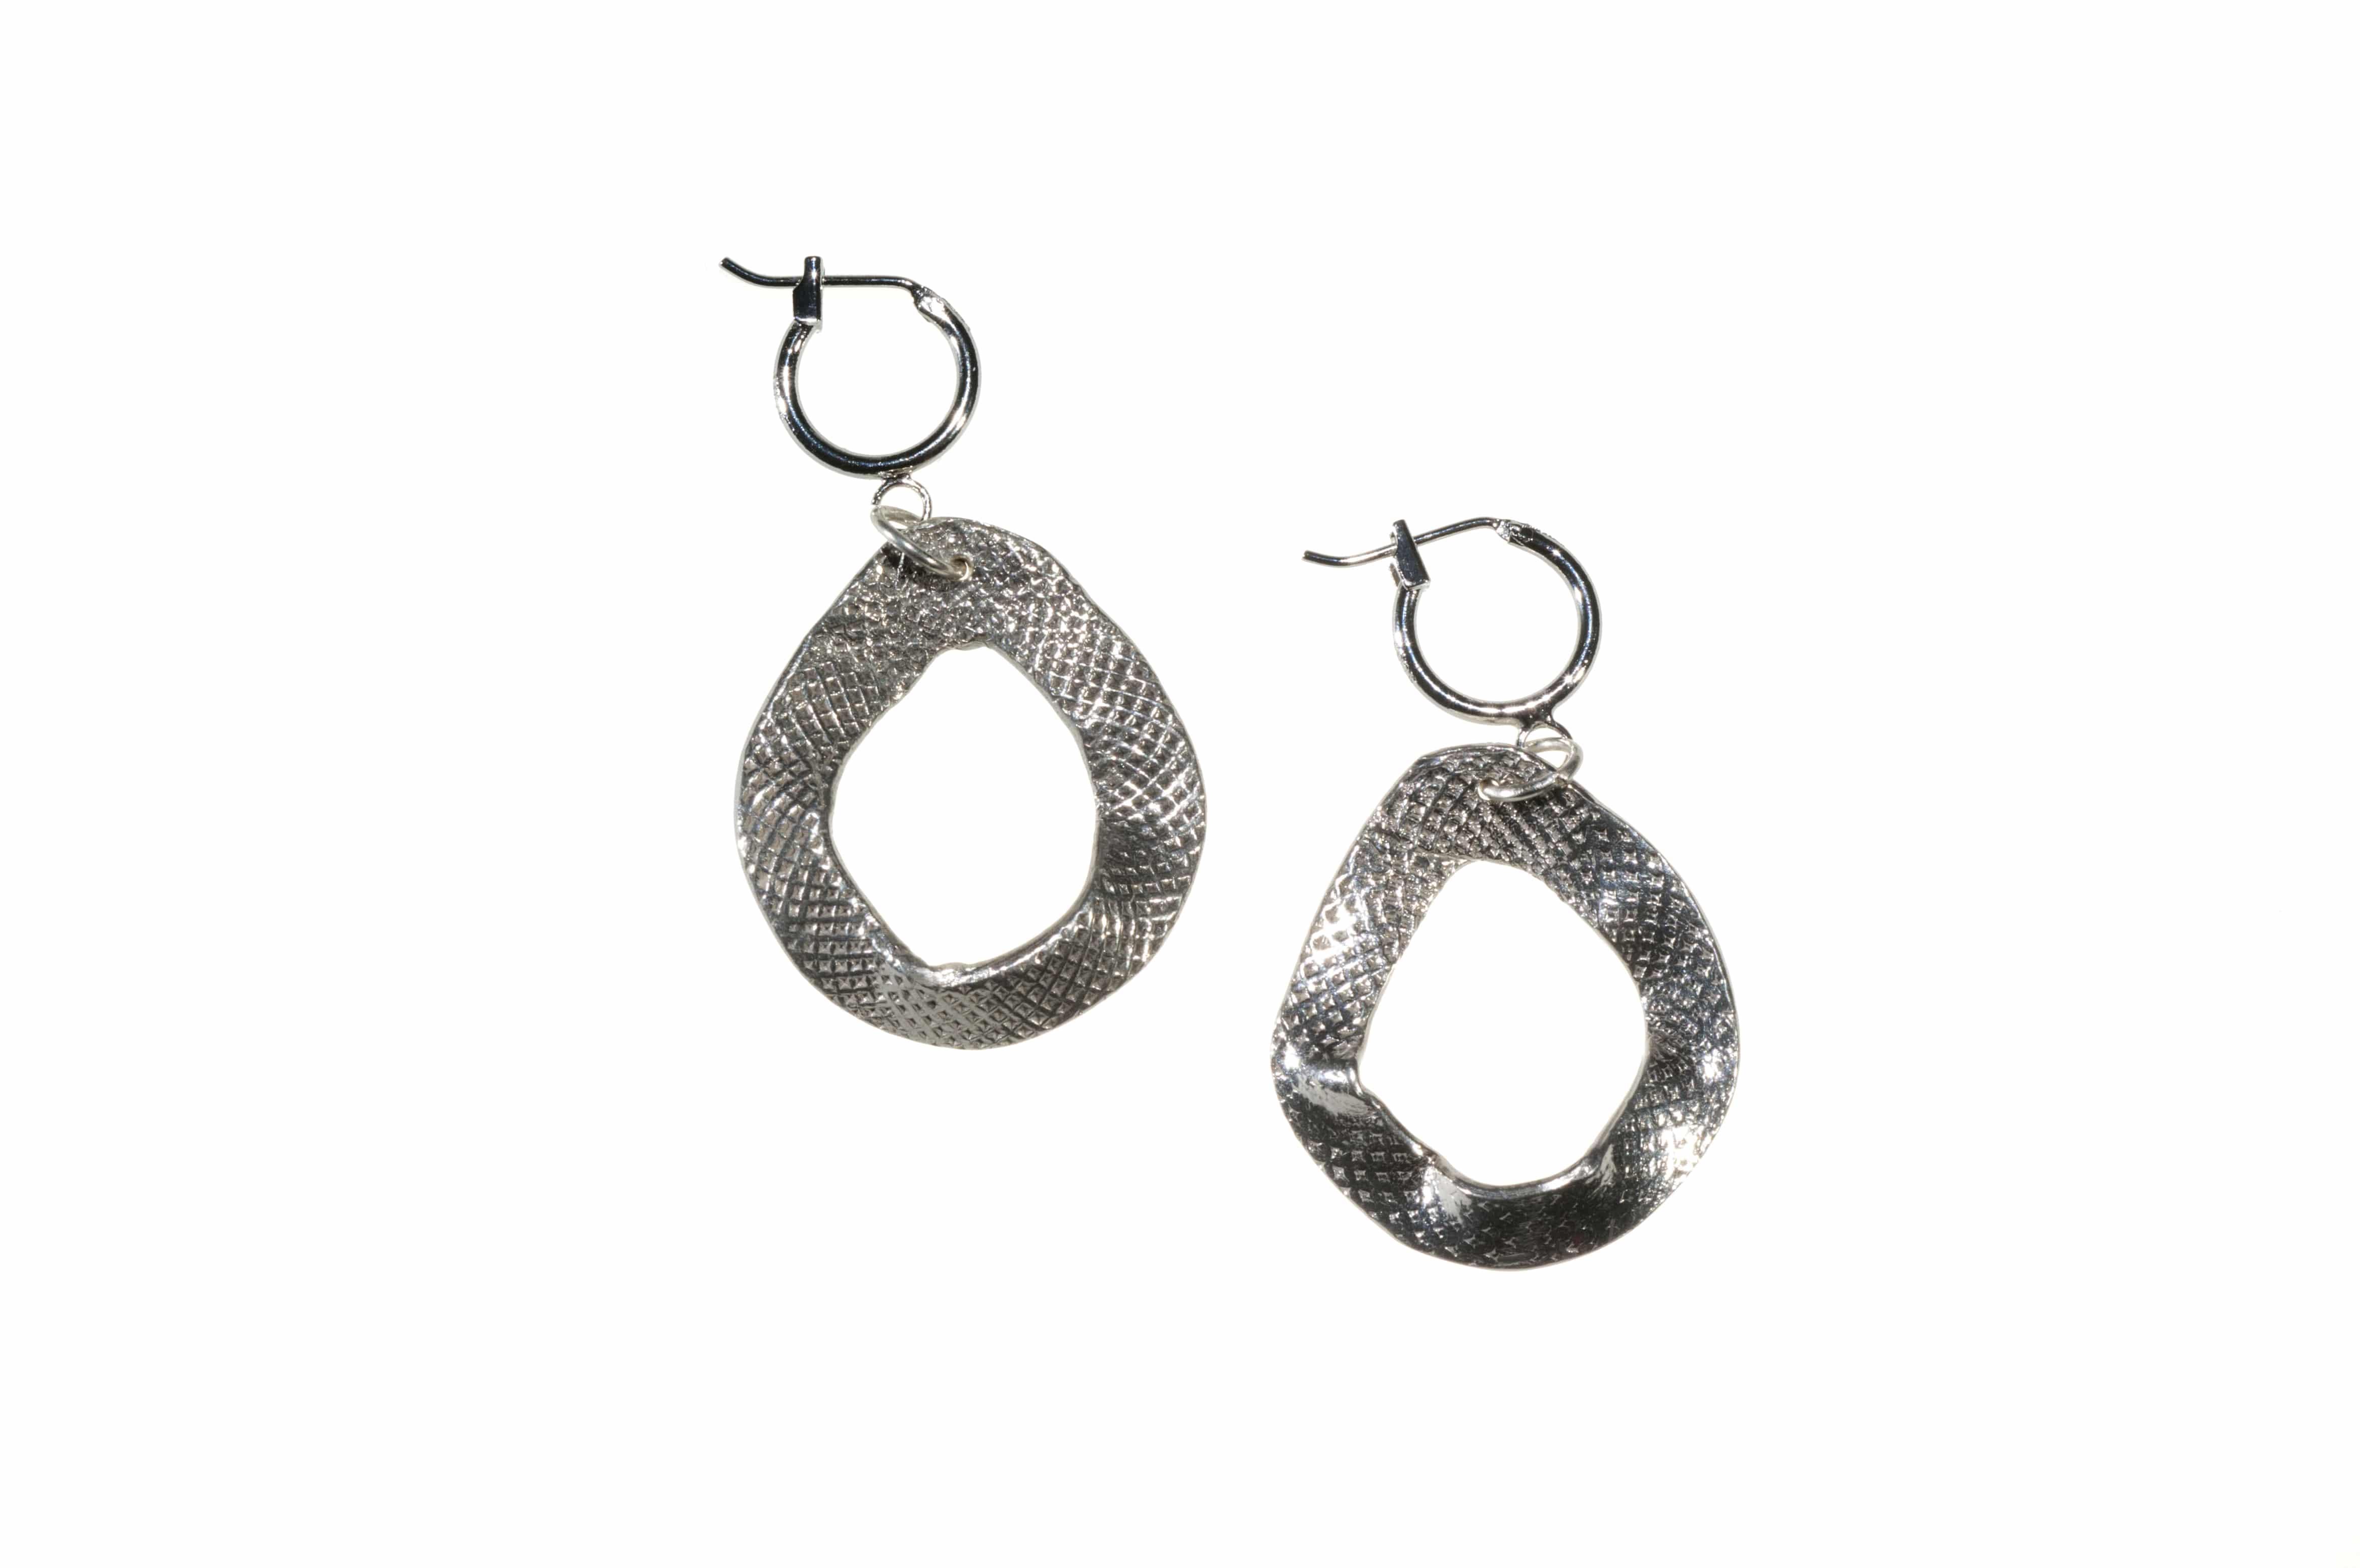 32 Dicembre - Li I Earrings Gioielli di design contemporaneo unici e artigianali